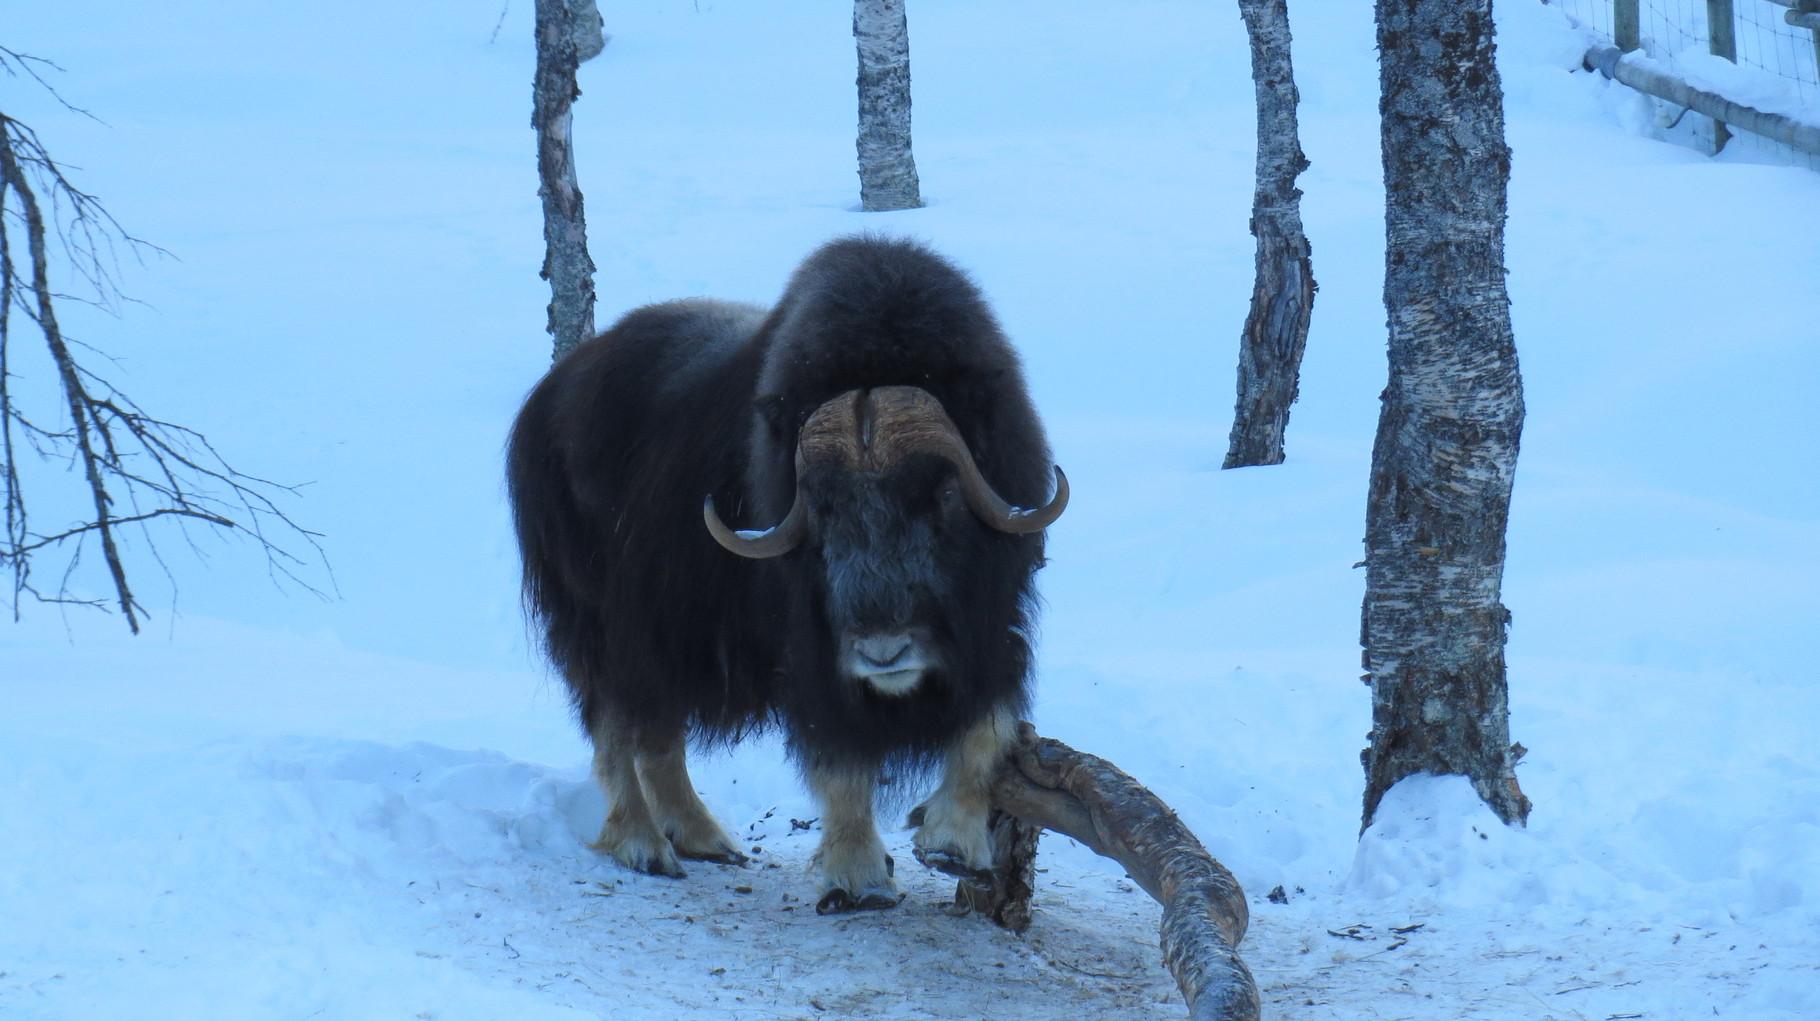 ... und dann jedes Bein einzeln von allen Seiten. Frühjahrsputz im Polar Park!